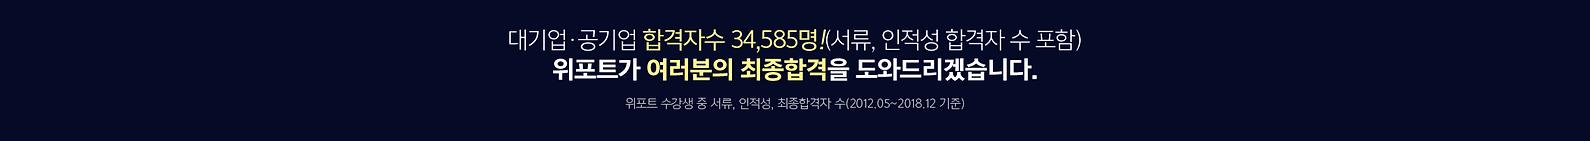 위포트 수강생 중 서류, 인적성, 최종합격자 수(2012.05~2018.